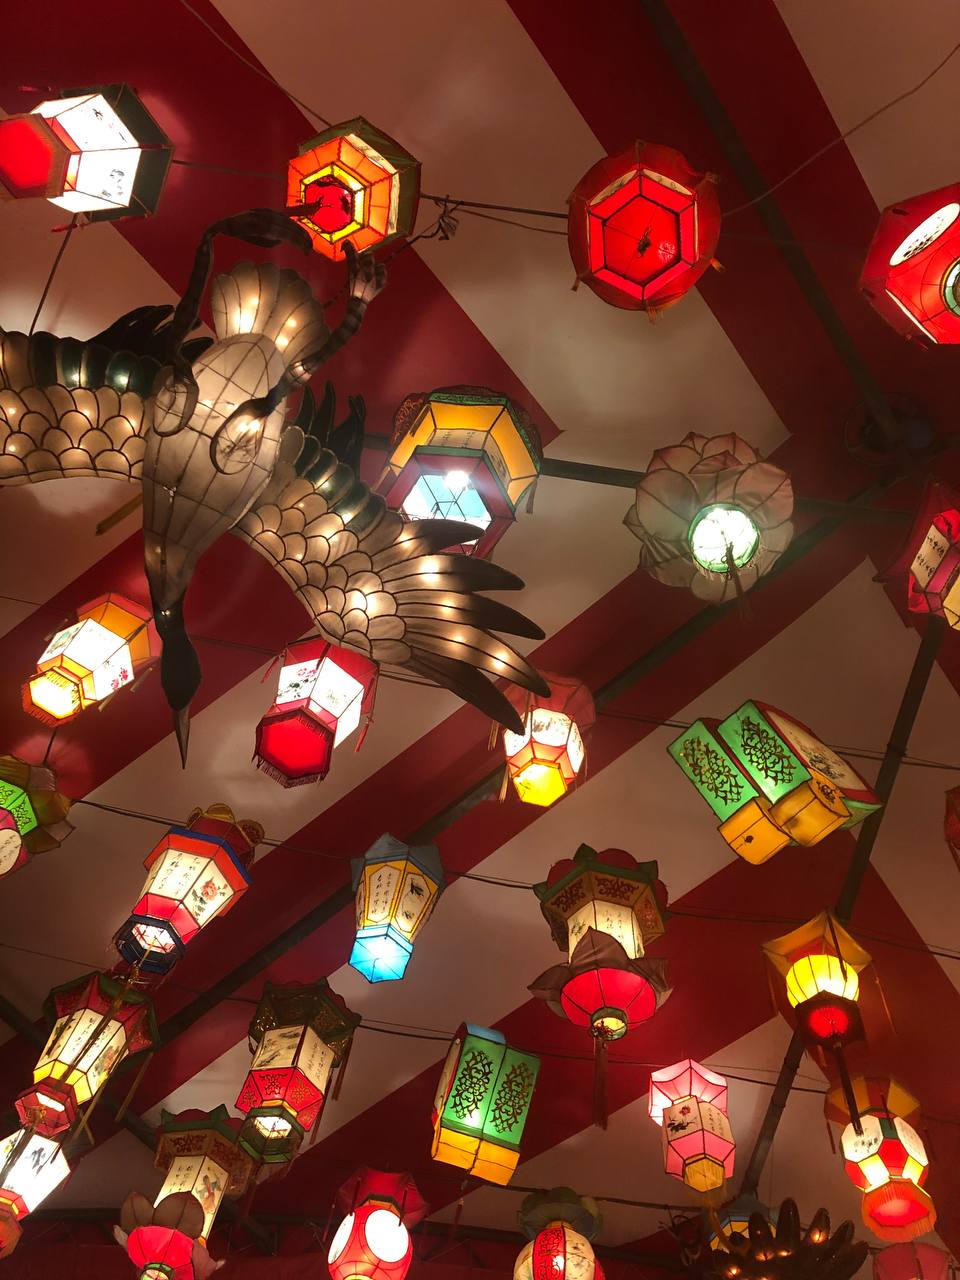 В честь Китайского Нового года выкладываю фото прошлогоднего праздника